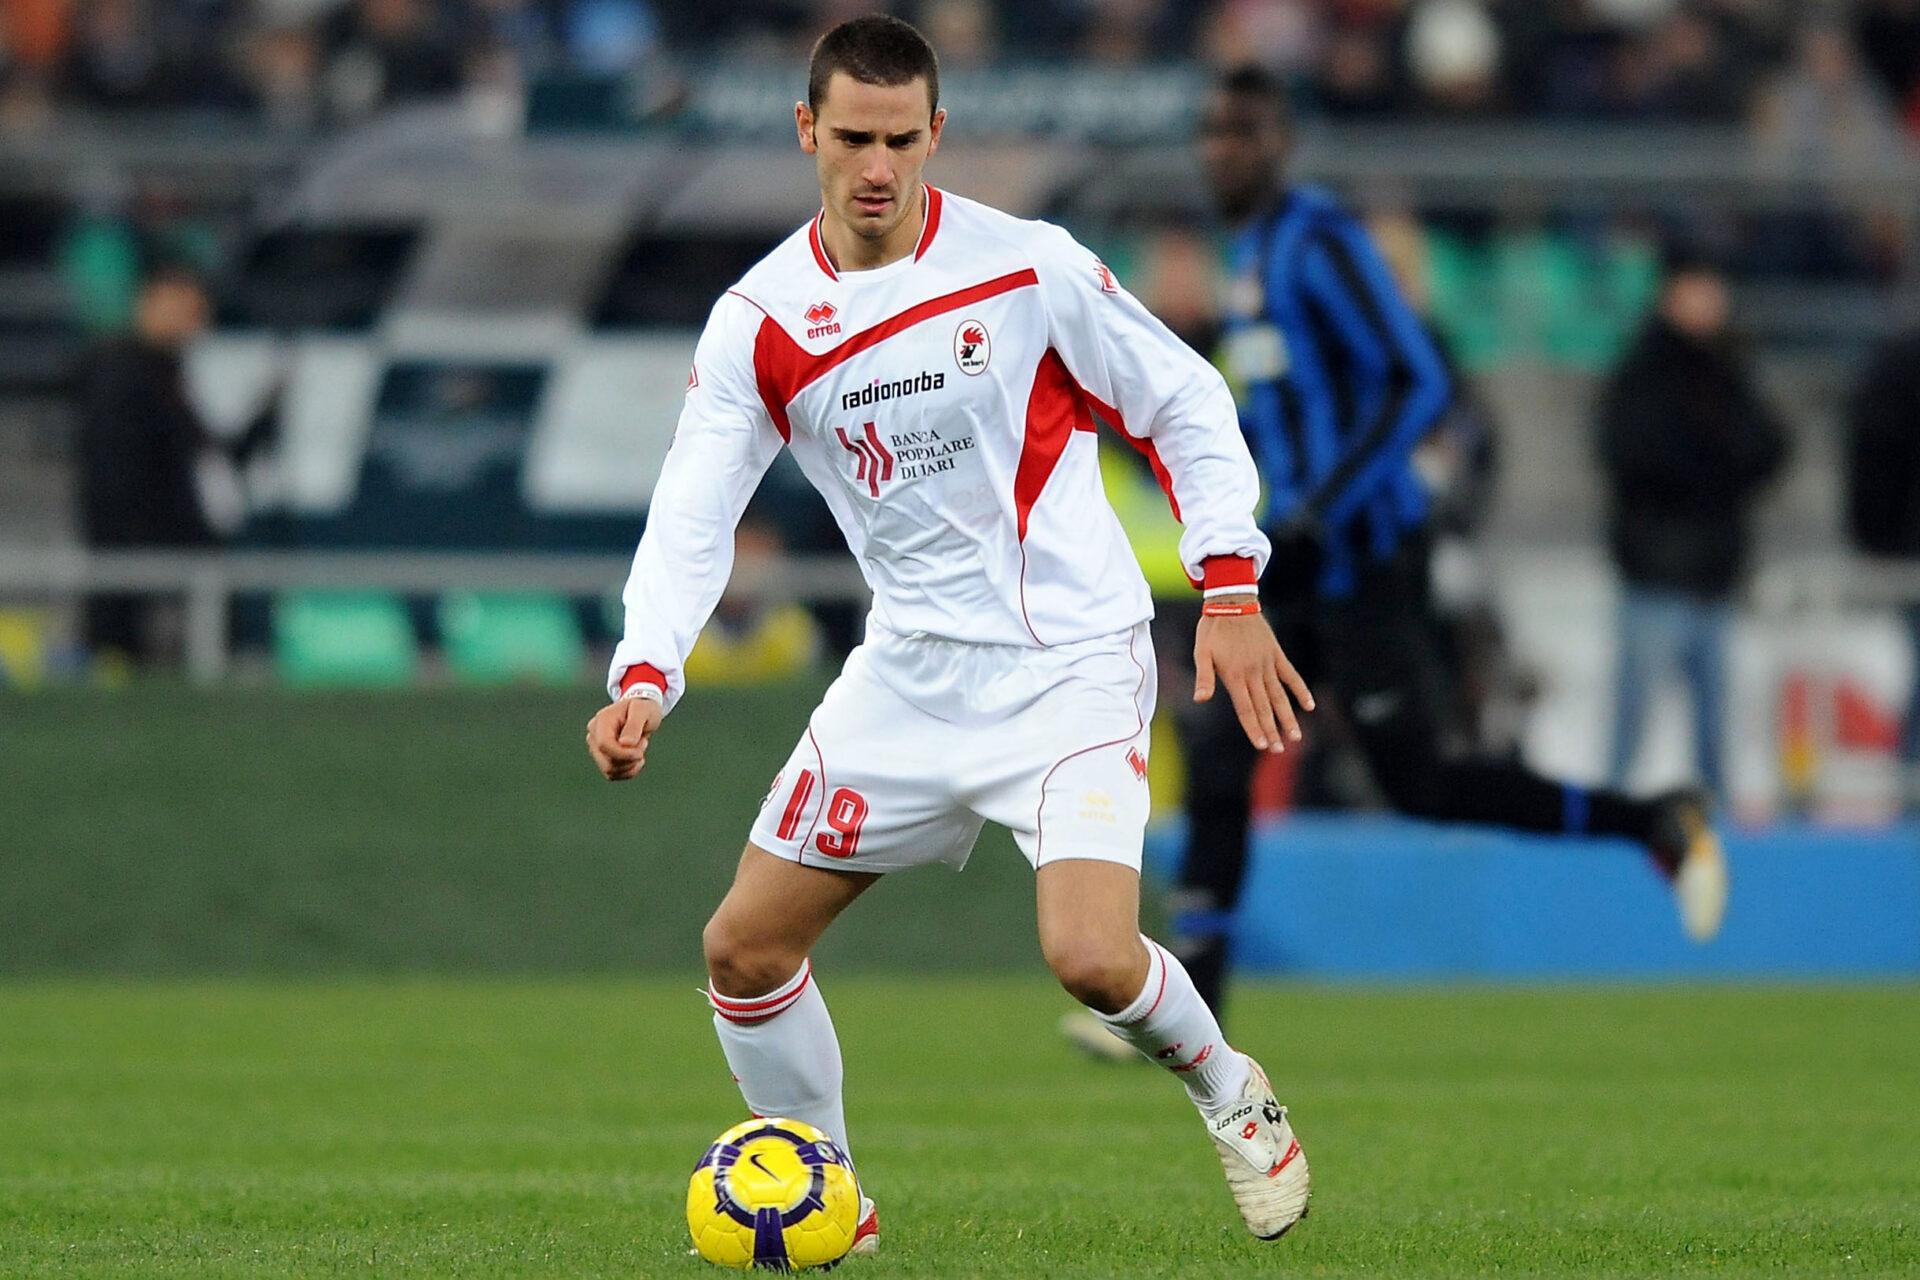 Leonardo Bonucci débutant sa carrière de footballeur professionnel avec l'Inter Milan (Icon Sport)